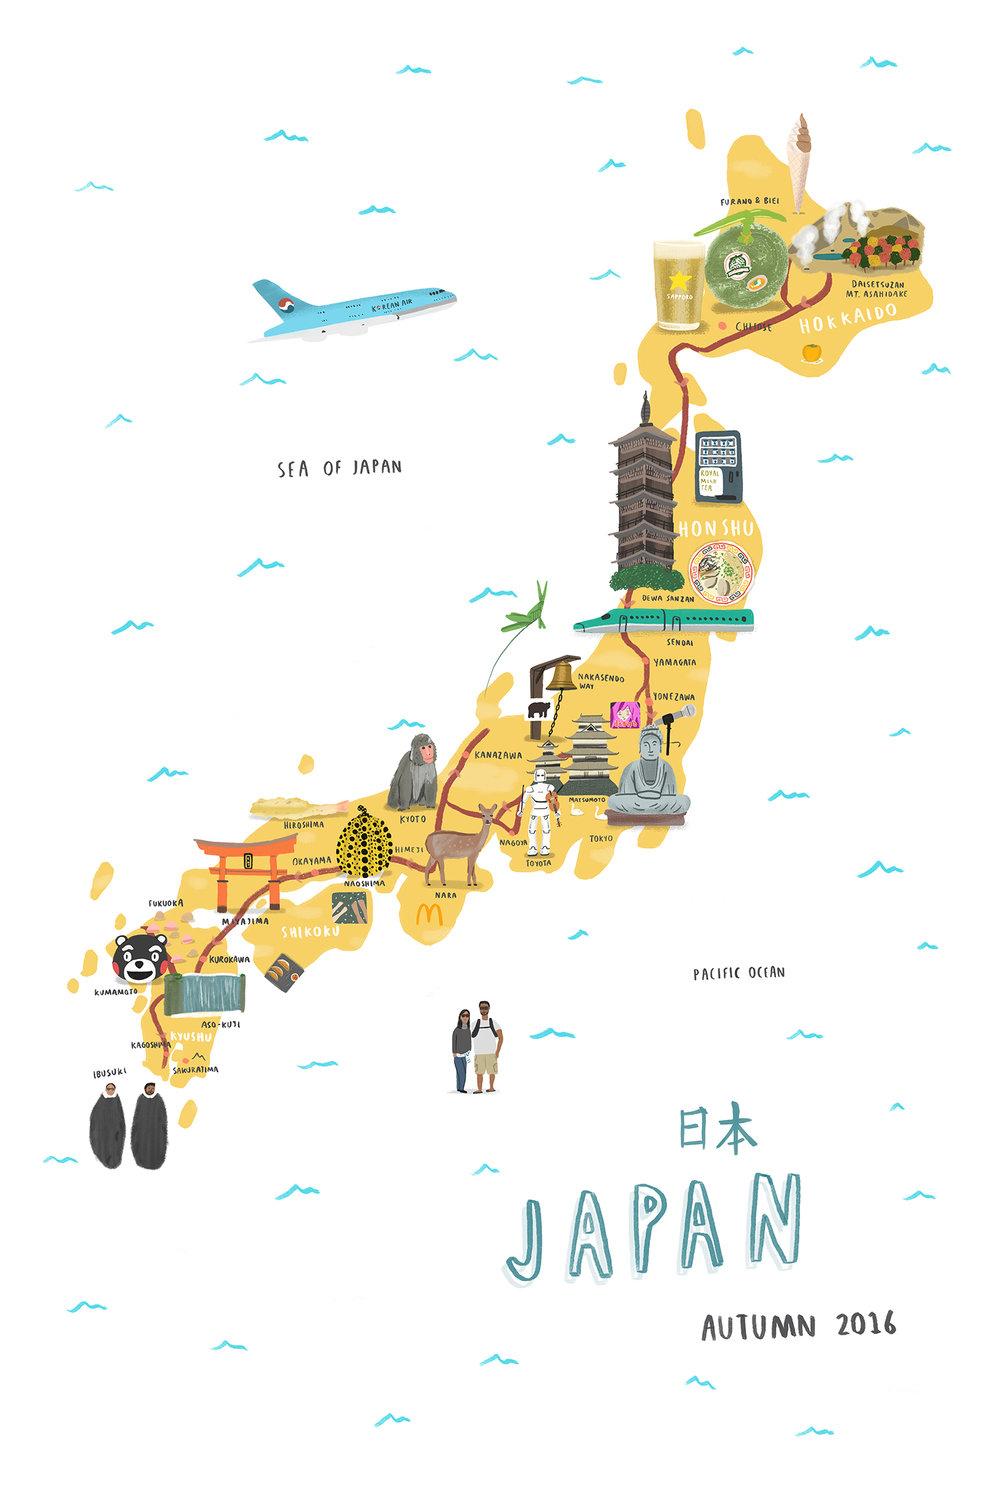 Japan map 5.jpg